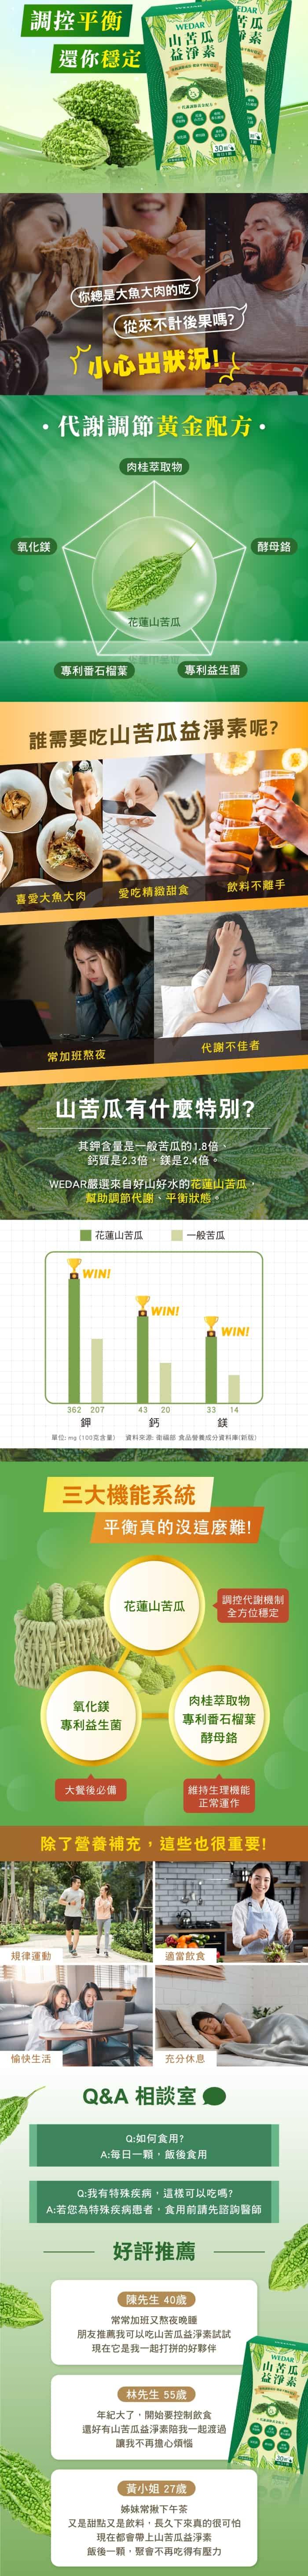 WEDAR薇達-山苦瓜益淨素(30粒X3盒)(共90天份)產品資訊